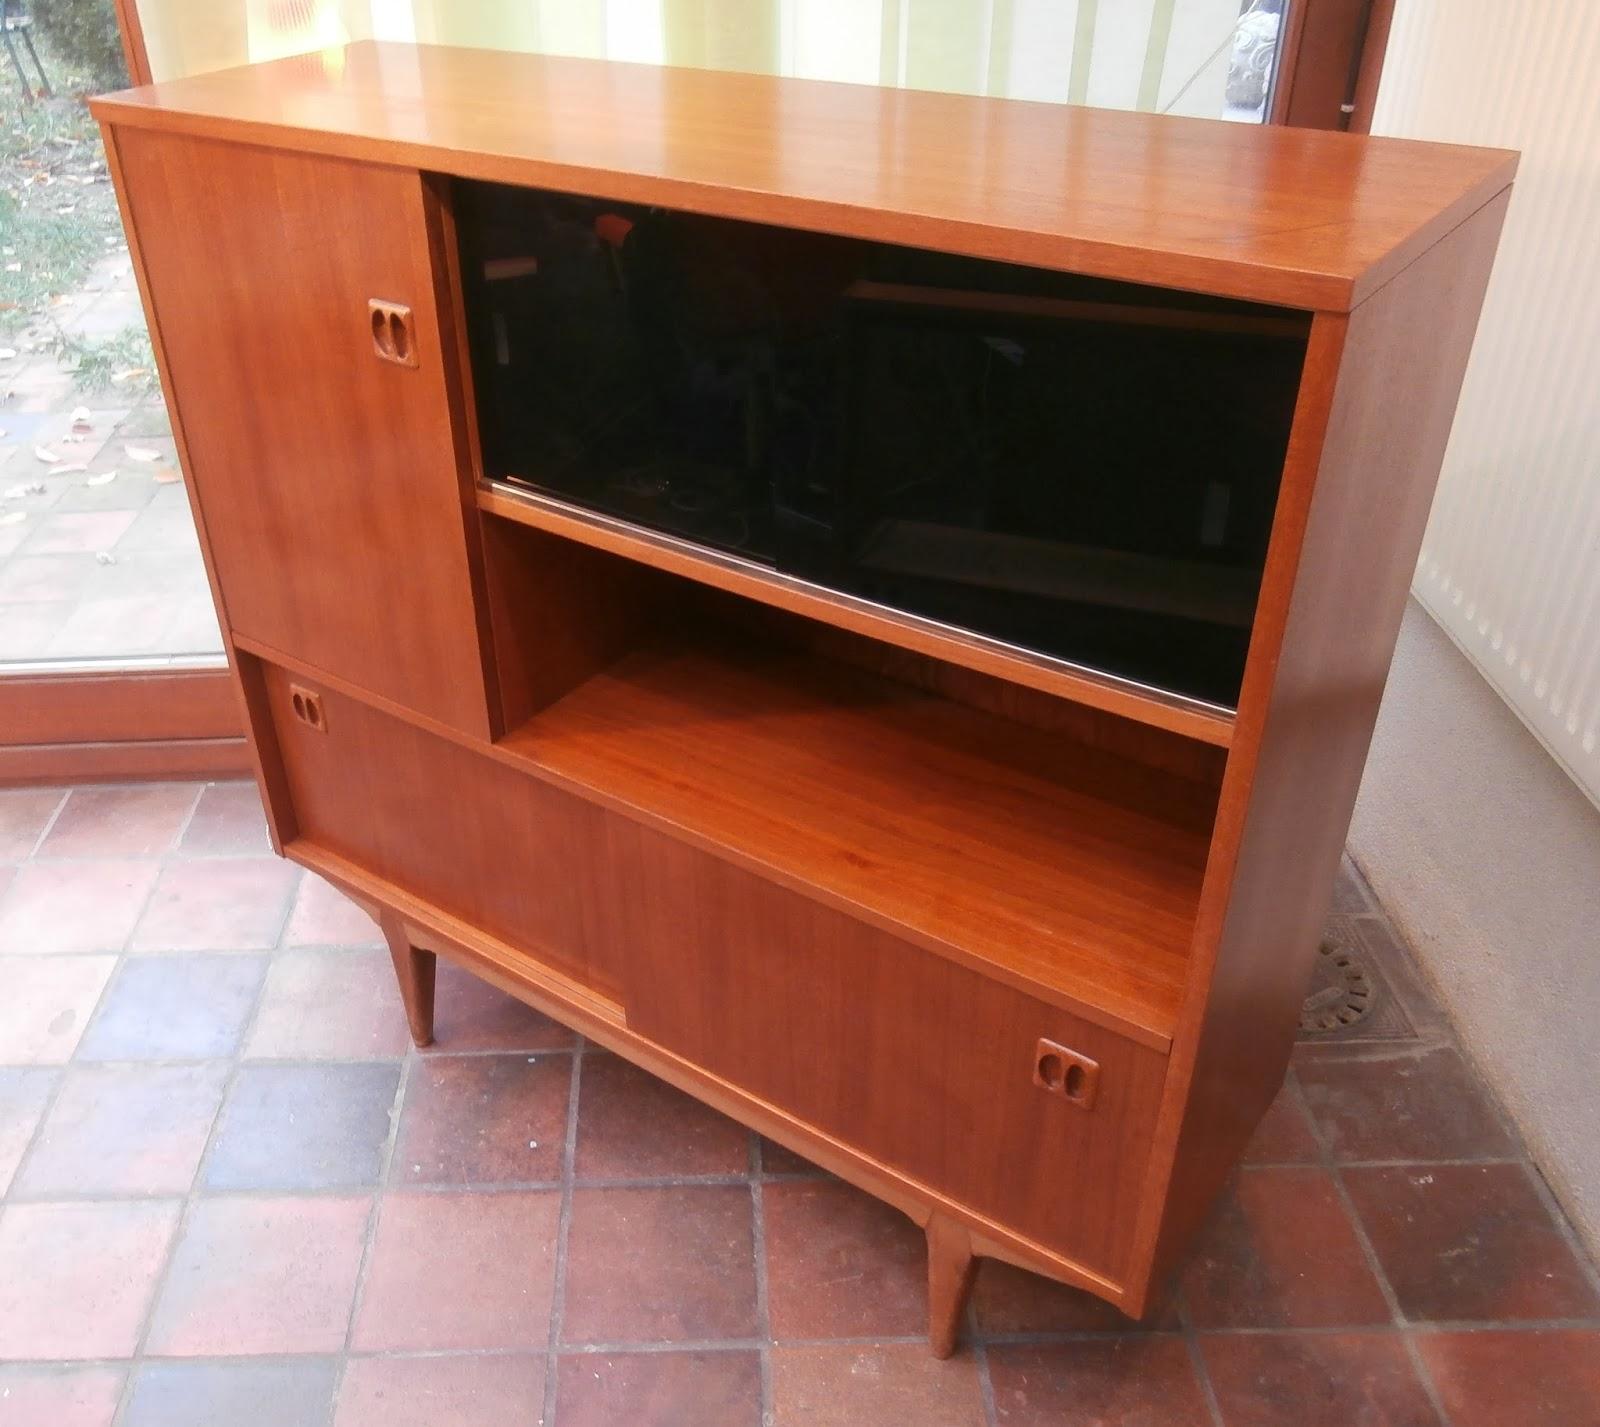 dur e de vie ind termin e meuble de style scandinave ann es 60. Black Bedroom Furniture Sets. Home Design Ideas